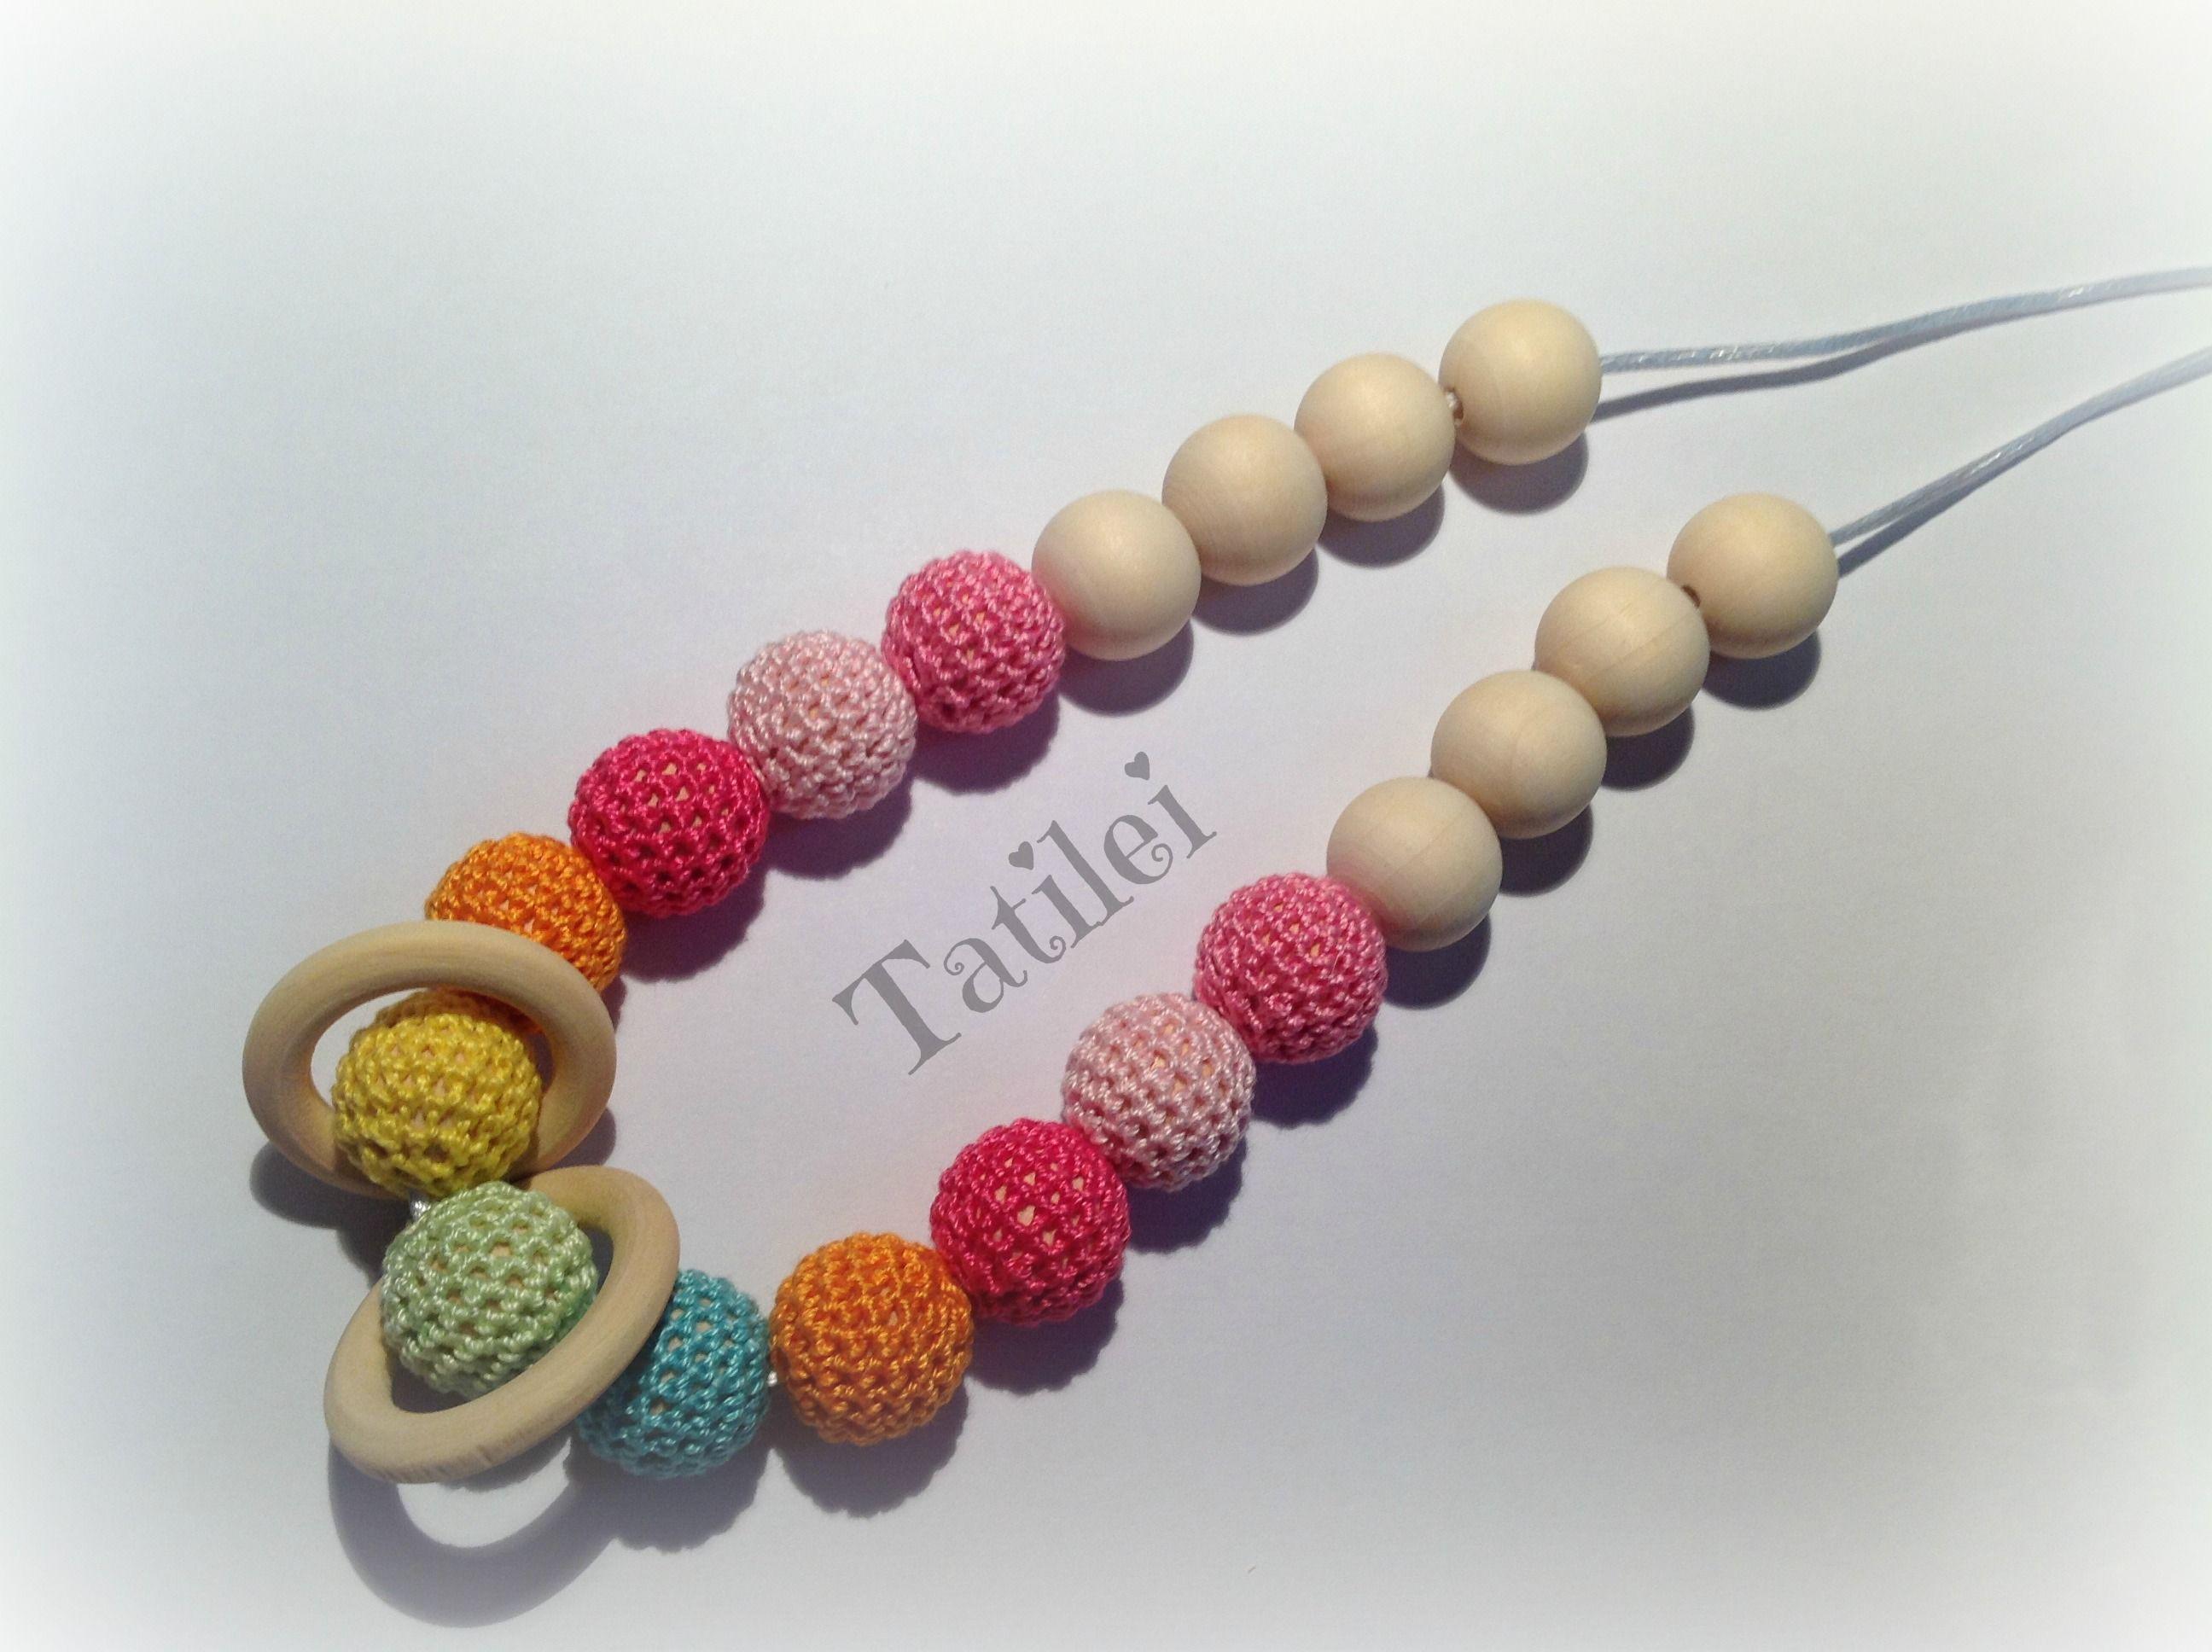 Collar de lactancia con aro forrado de ganchillo, bolas forradas de ganchillo y una famenca, todo combinado con bolas de colores y naturales